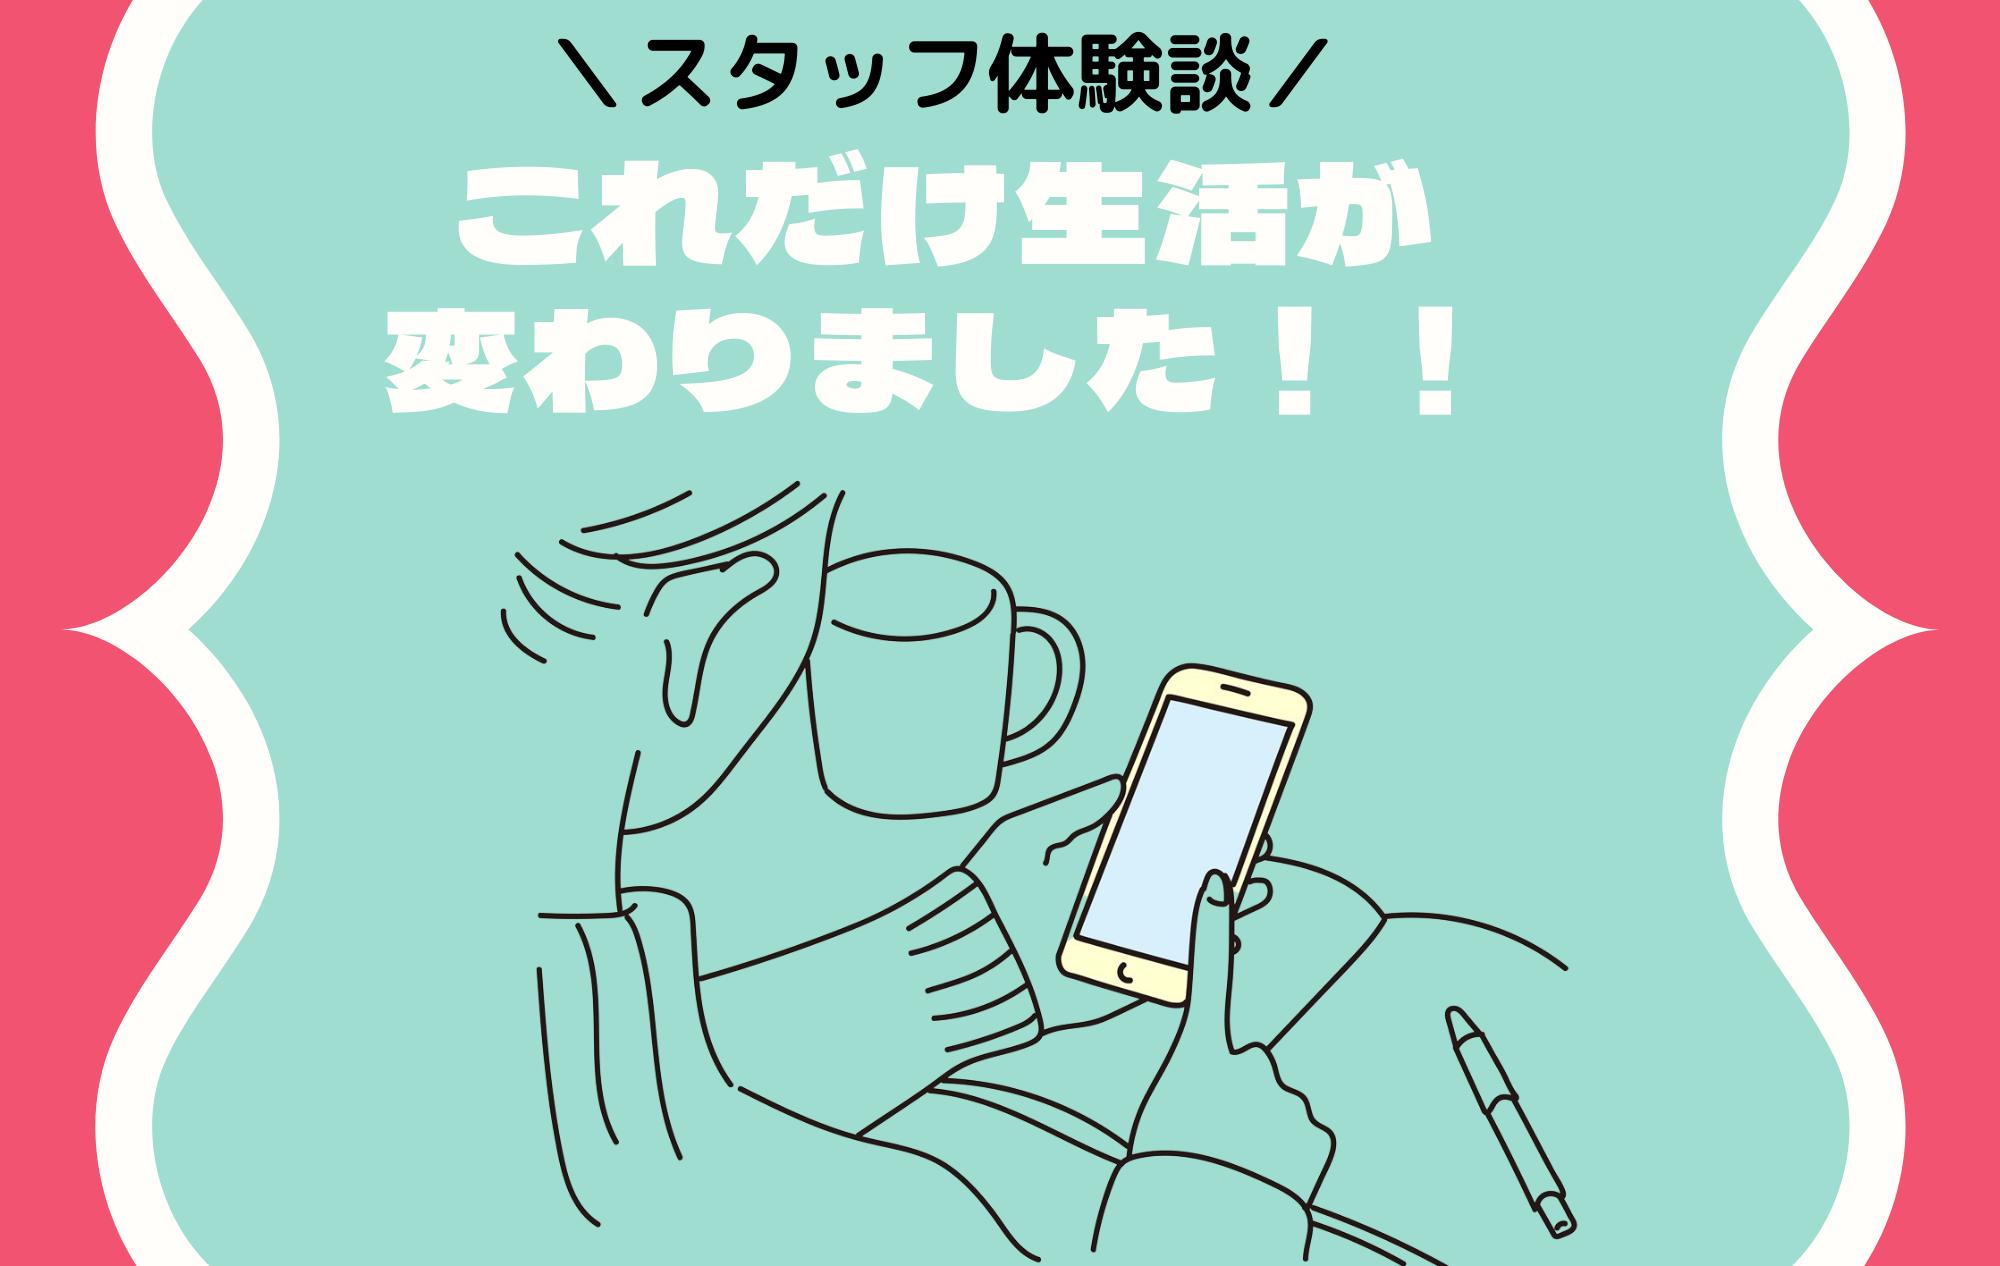 【スタッフ体験談】プリマに来て生活が大変化・・!!(´;ω;`)♡